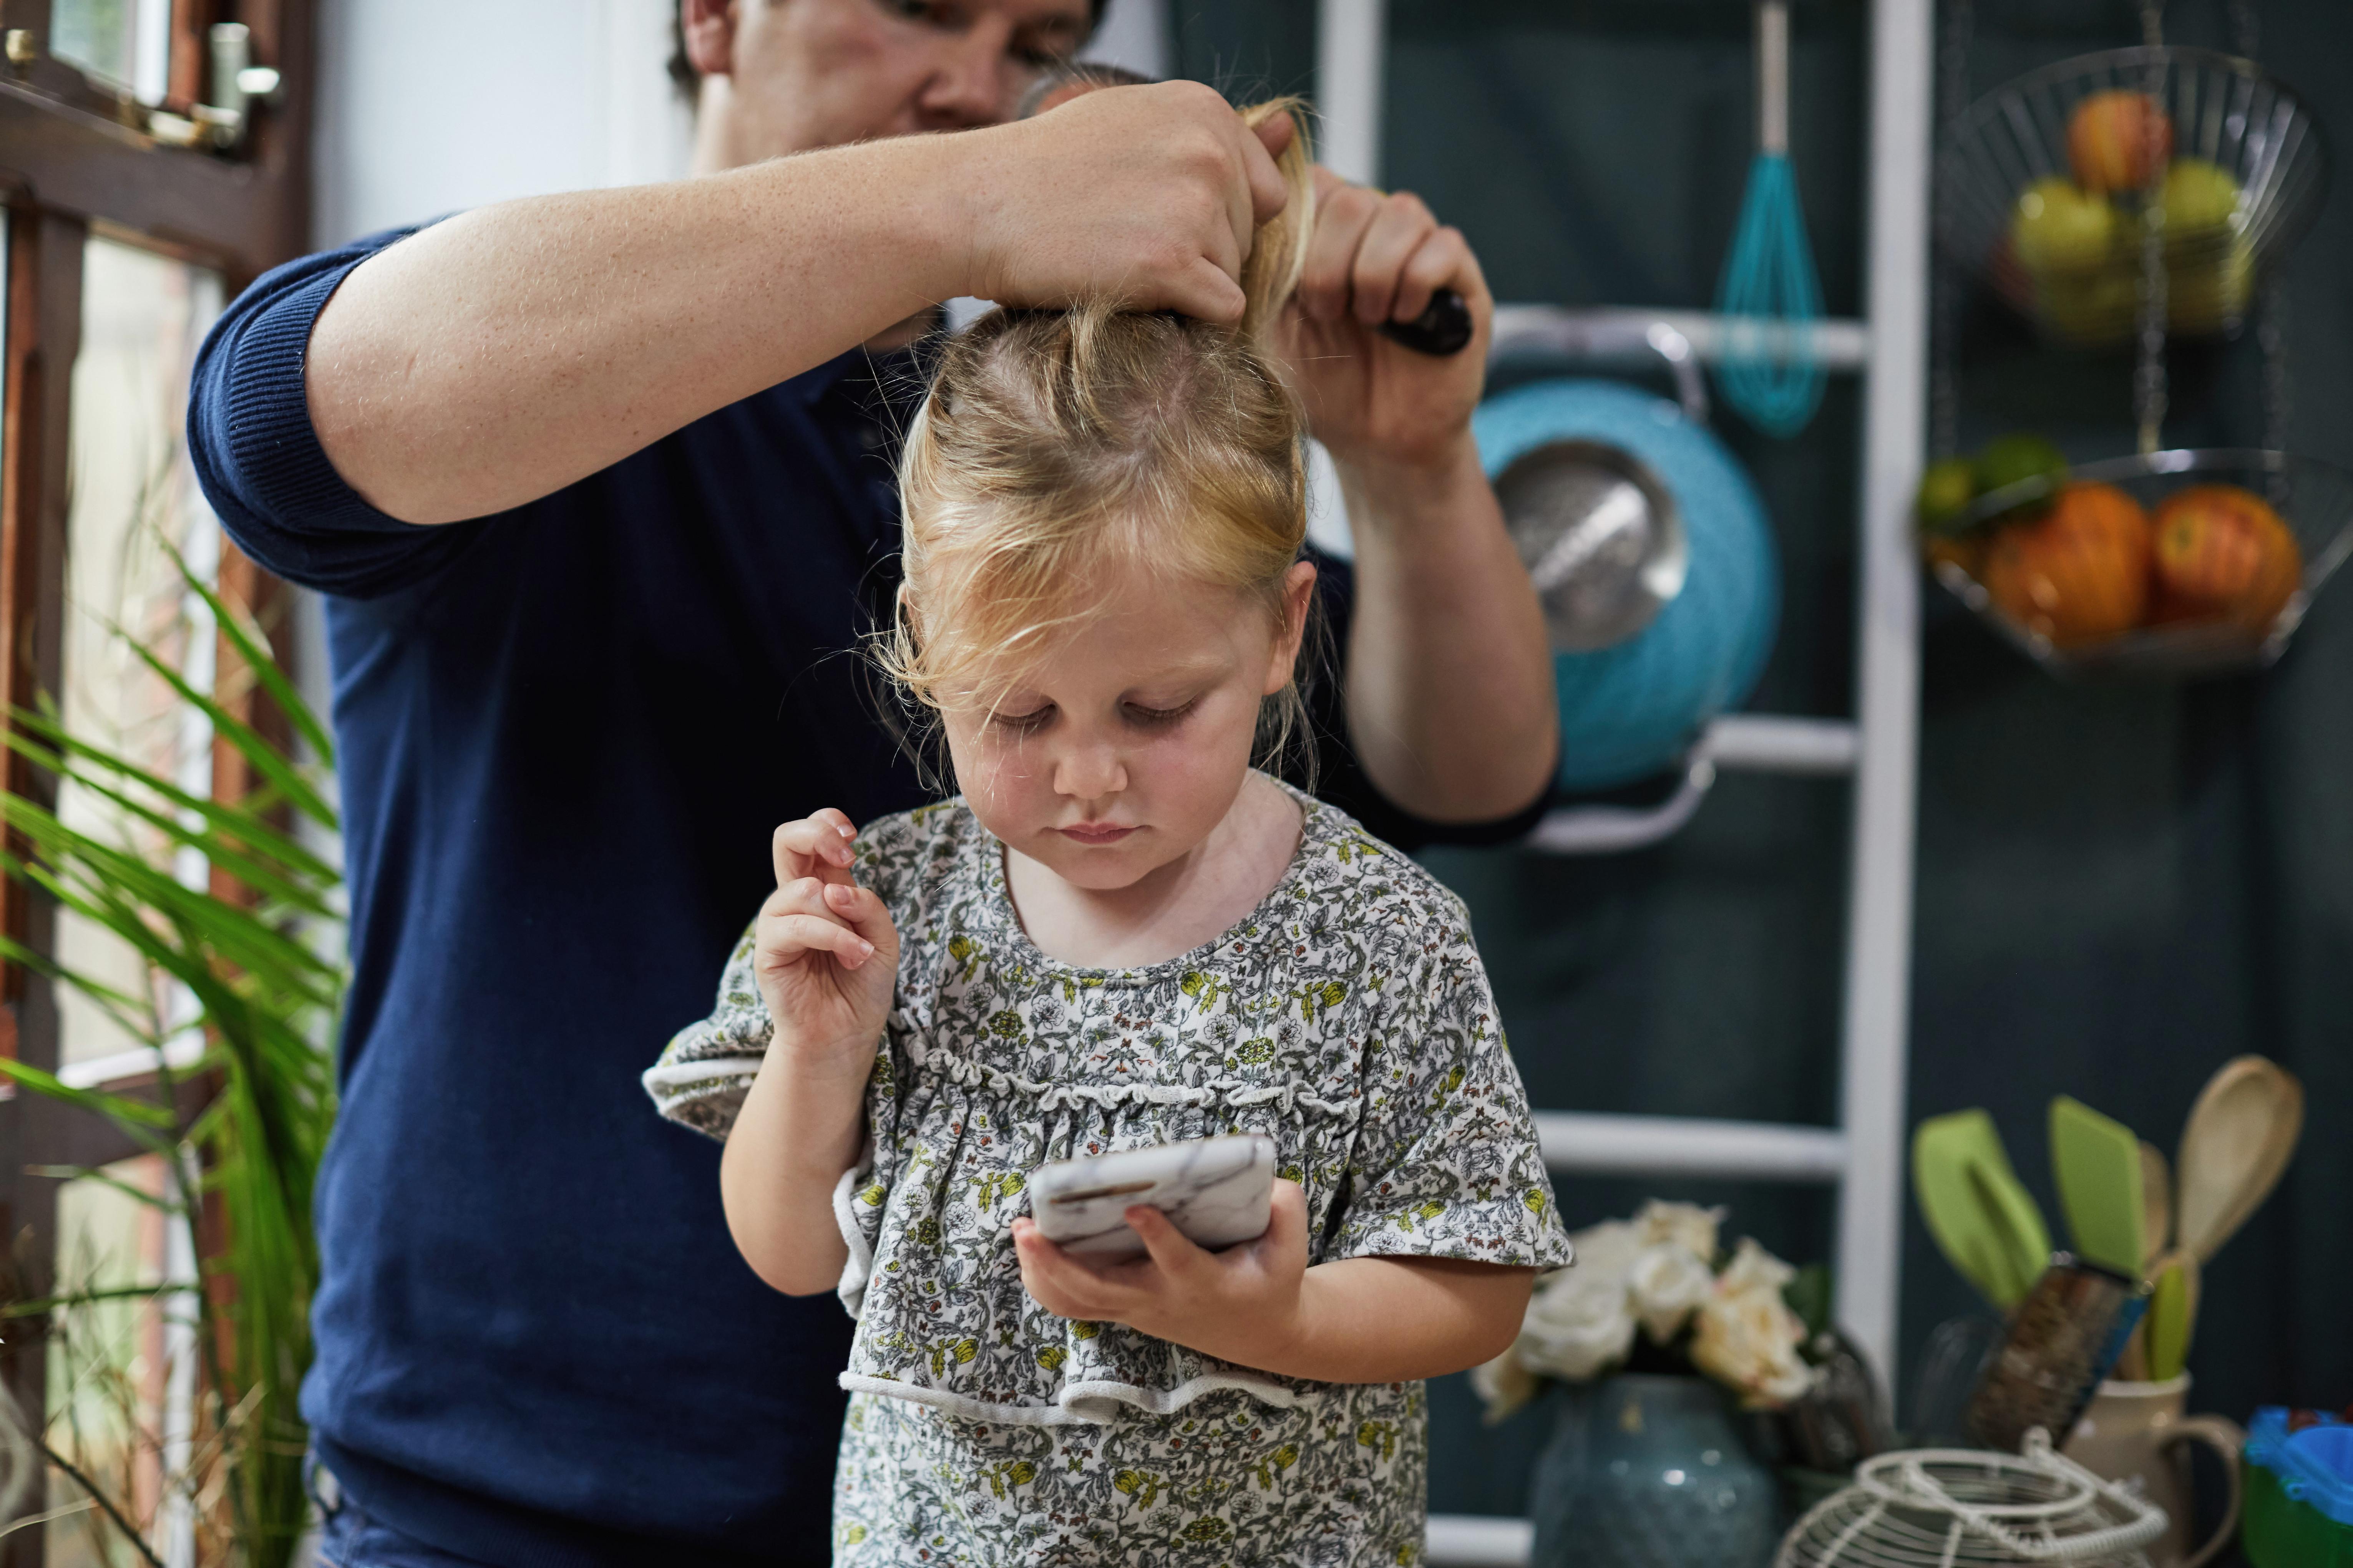 Children's Cut under 12 yrs